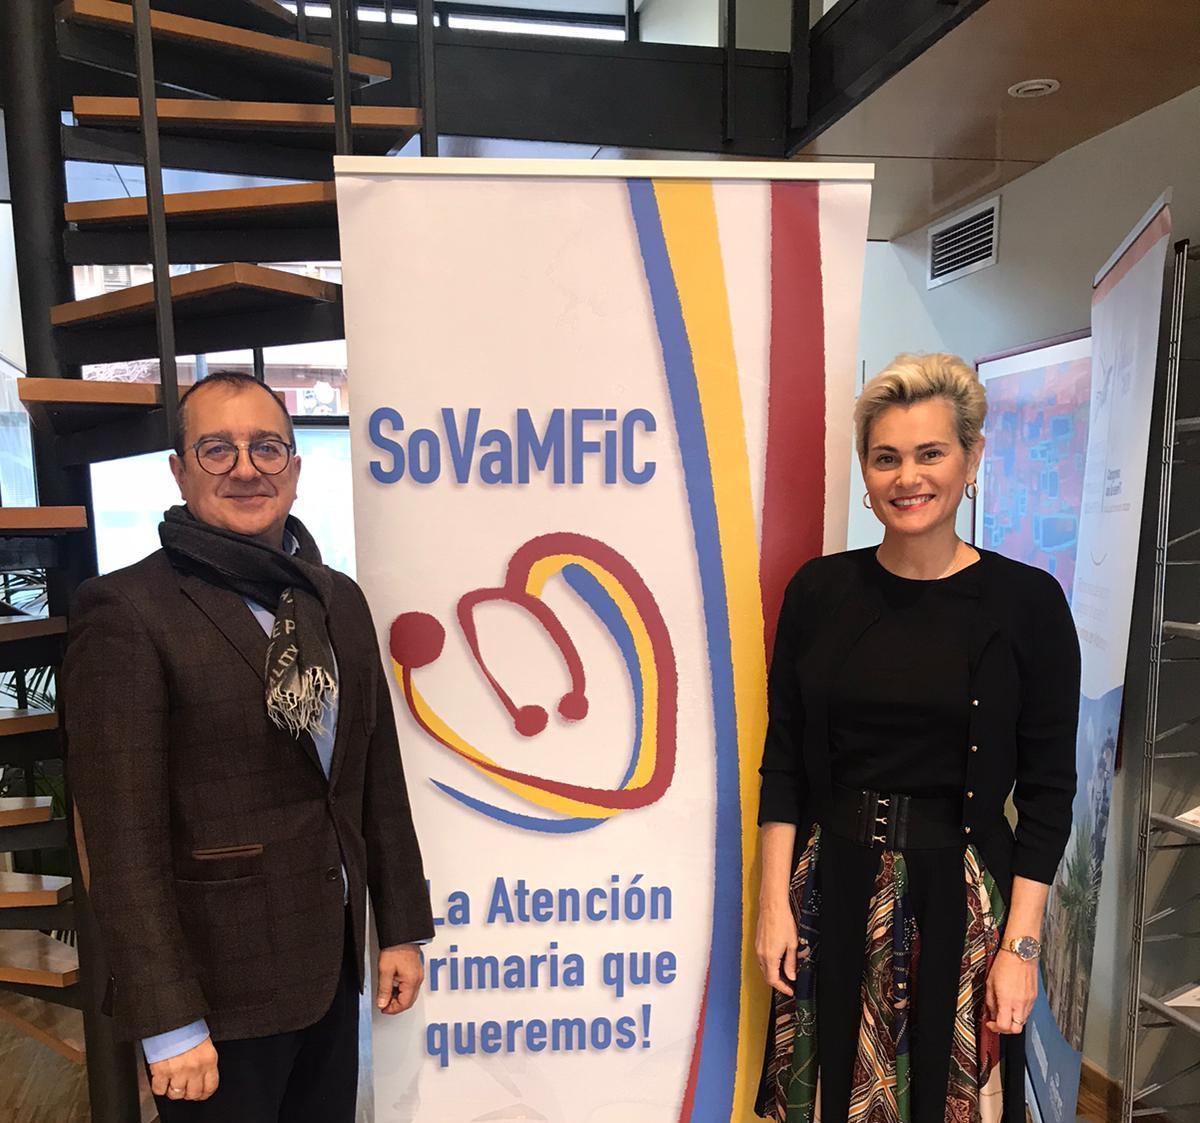 La ADSCV acuerda con la Sociedad Valenciana de Medicina Familiar y Comunitaria realizar jornadas formativas para sus afiliados